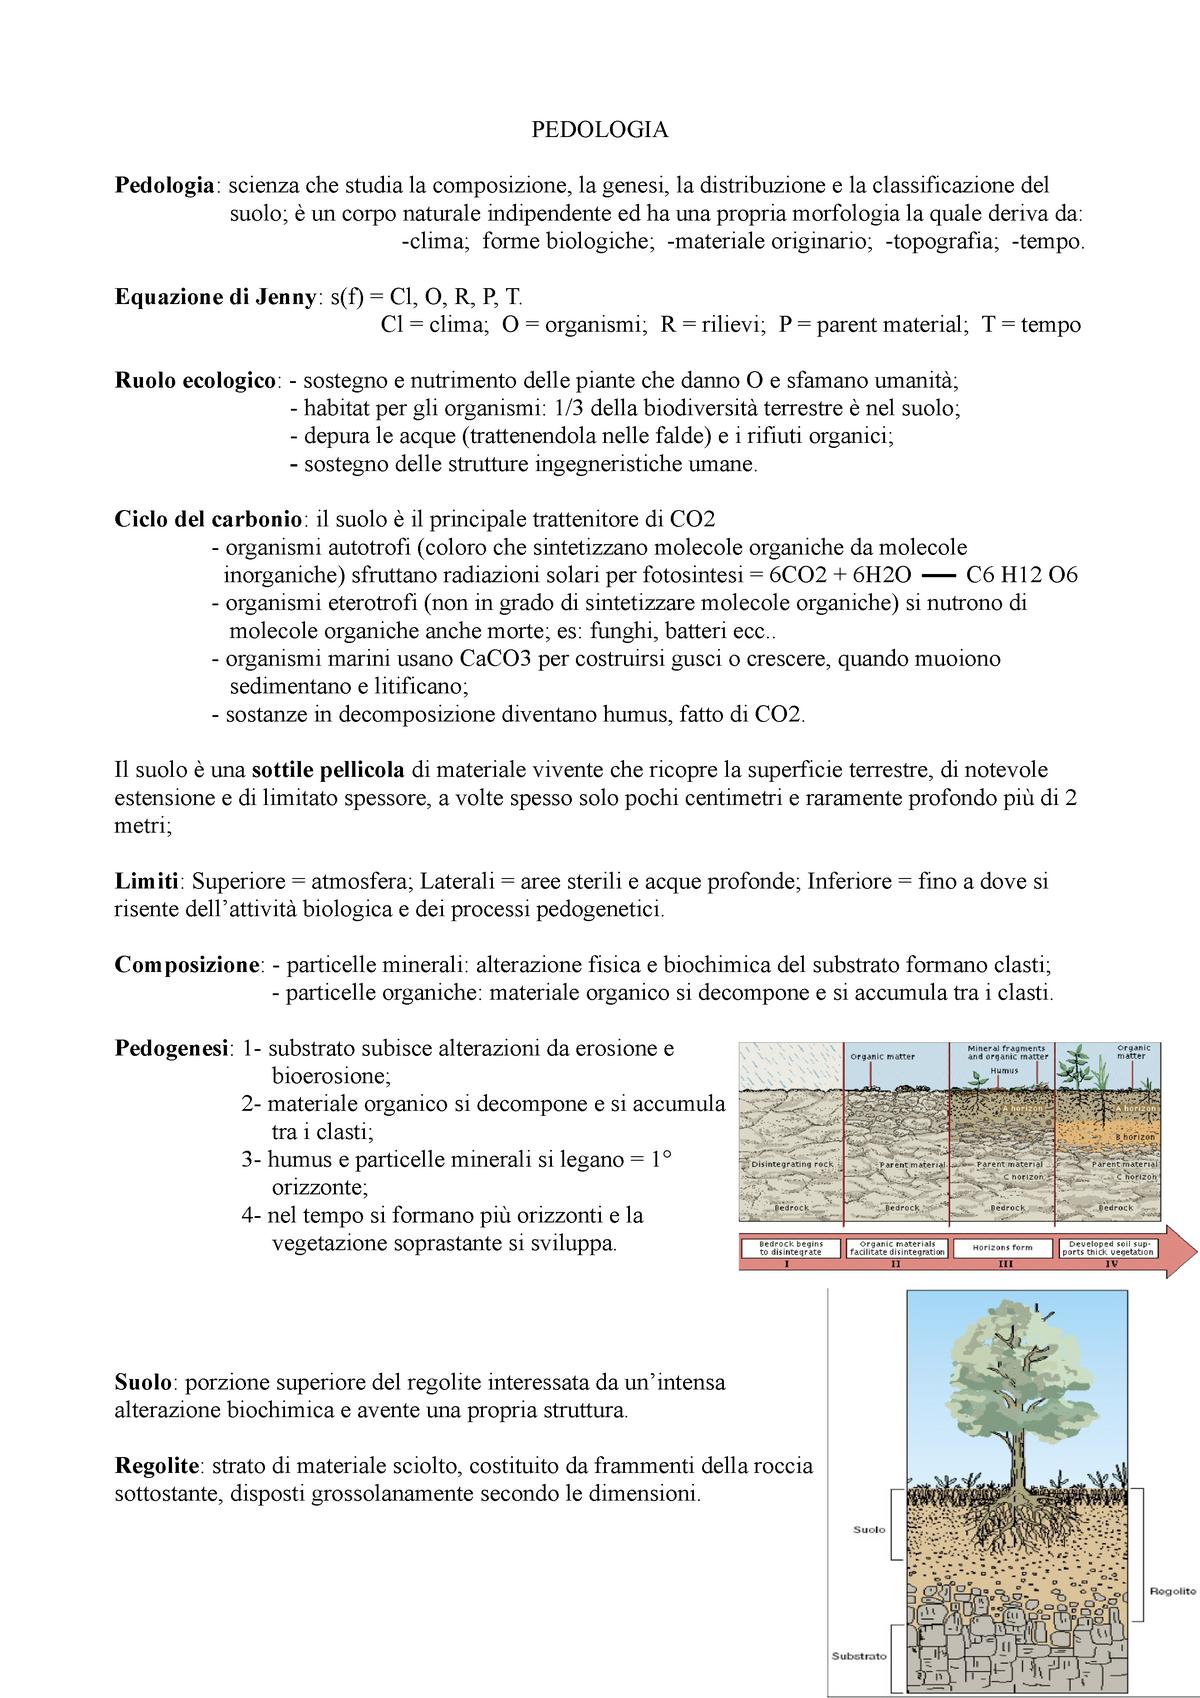 sintetizzano il processo di datazione del carbonio